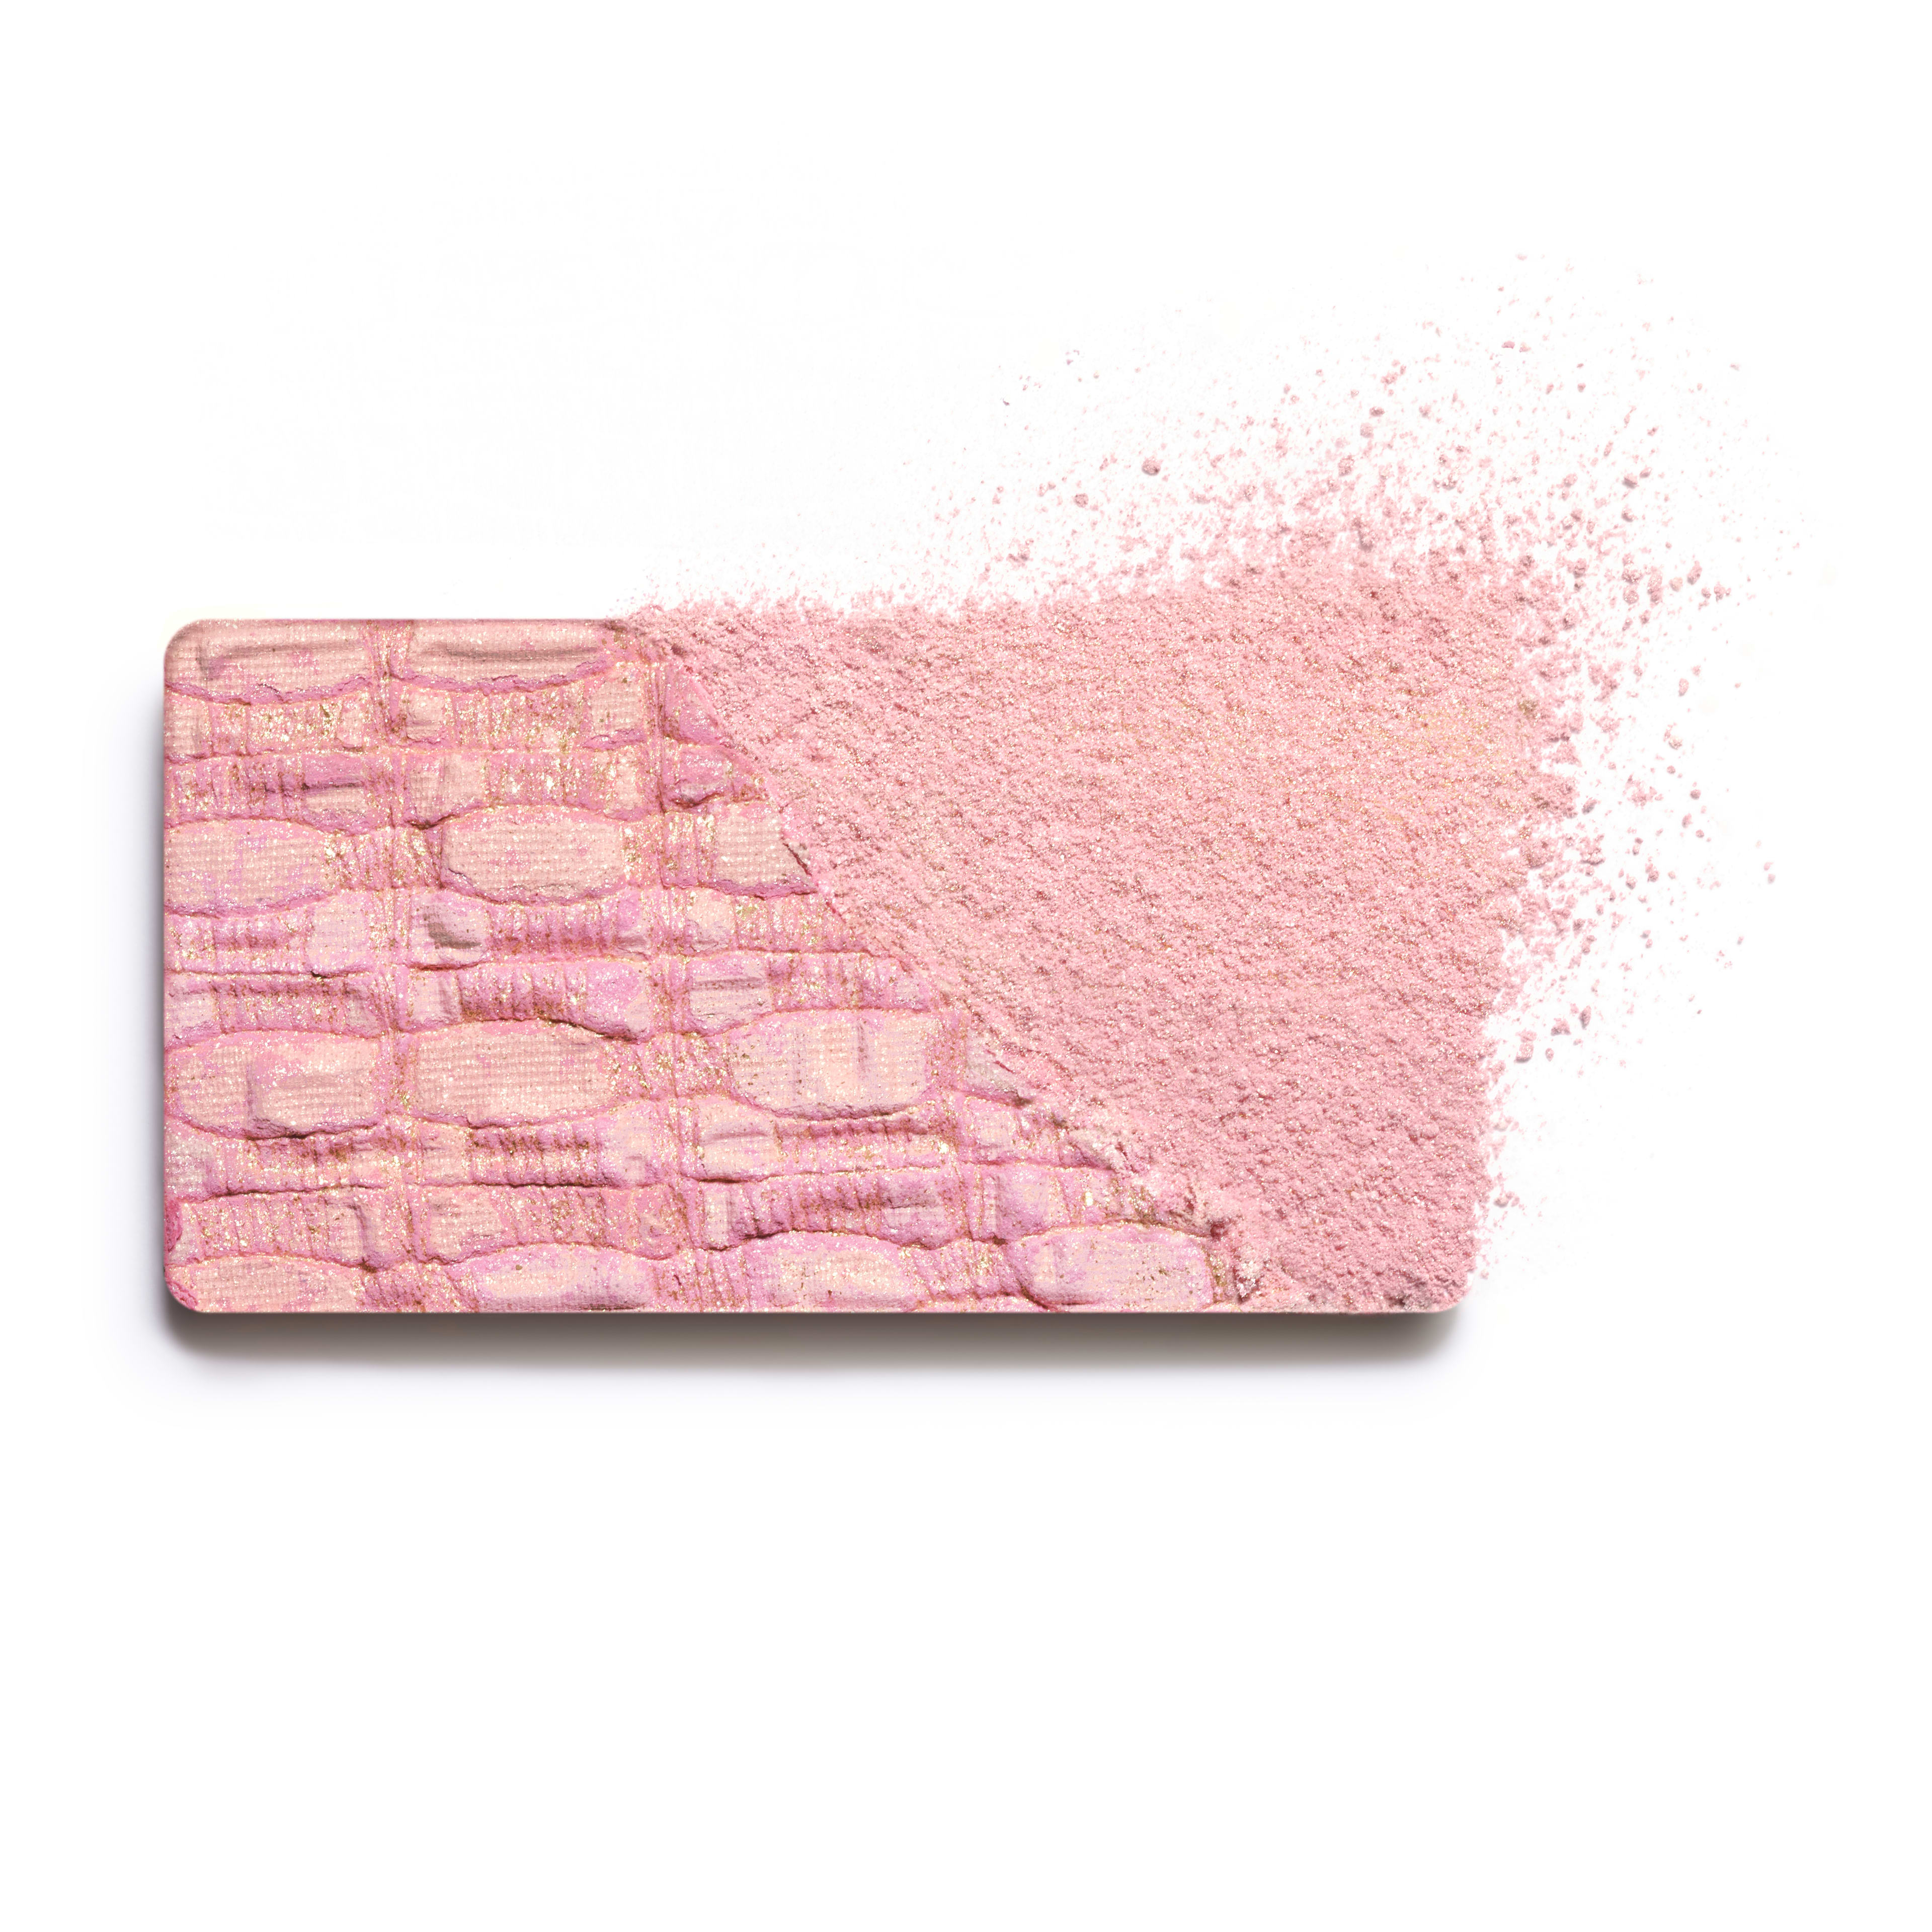 LES TISSAGES DE CHANEL  - makeup - 5.5g - 基本質地視圖